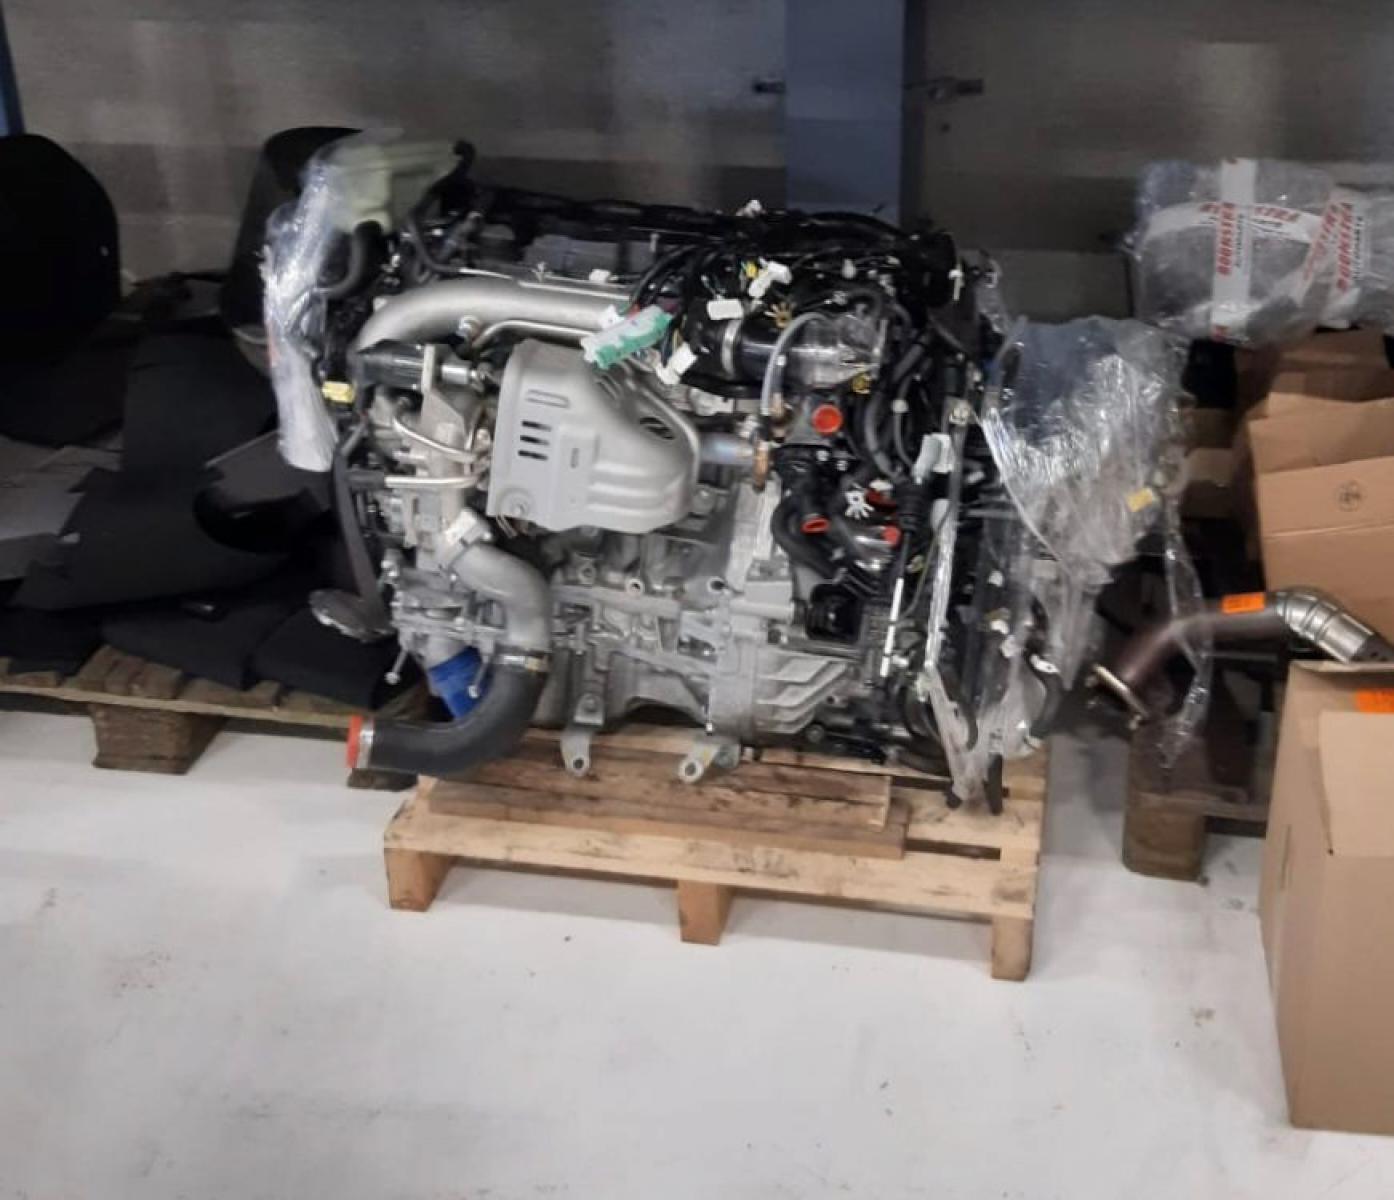 Honda K20C1 motor 235 kW, 325 HP - 1